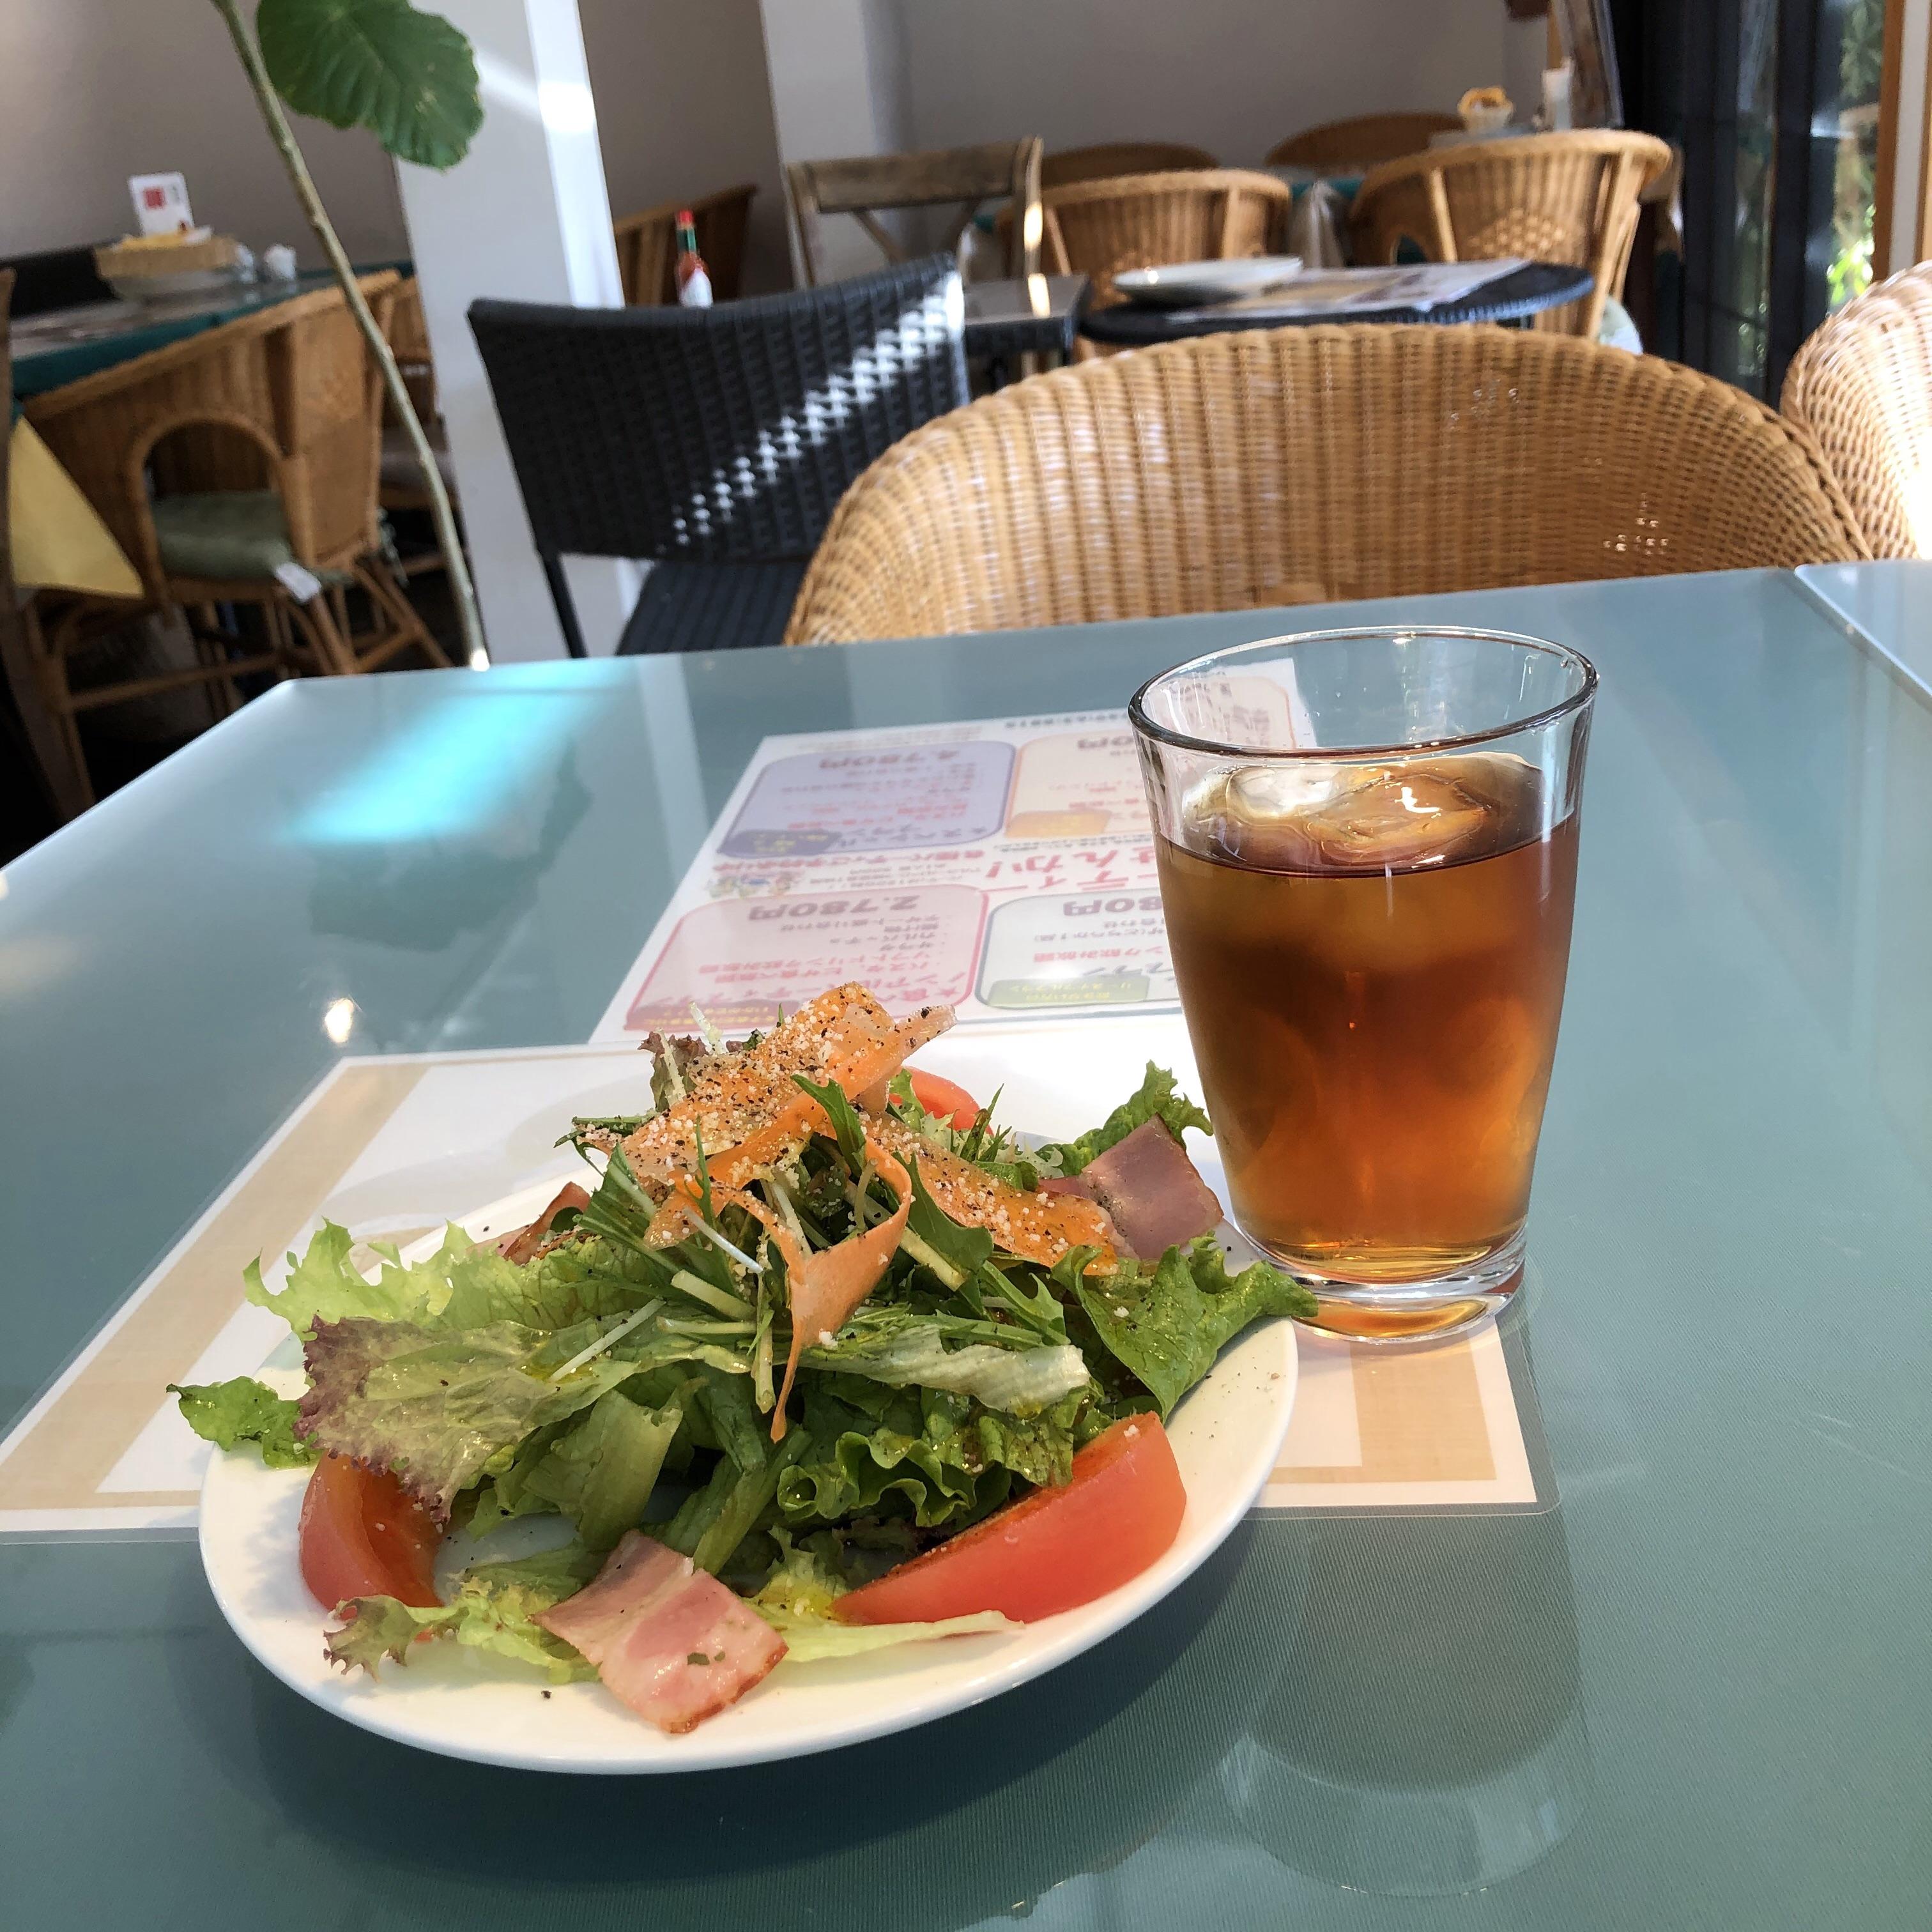 滋賀県長浜市おすすめイタリアン ぴざか屋でピザにデザート付のBランチをいただき読書タイムも満喫